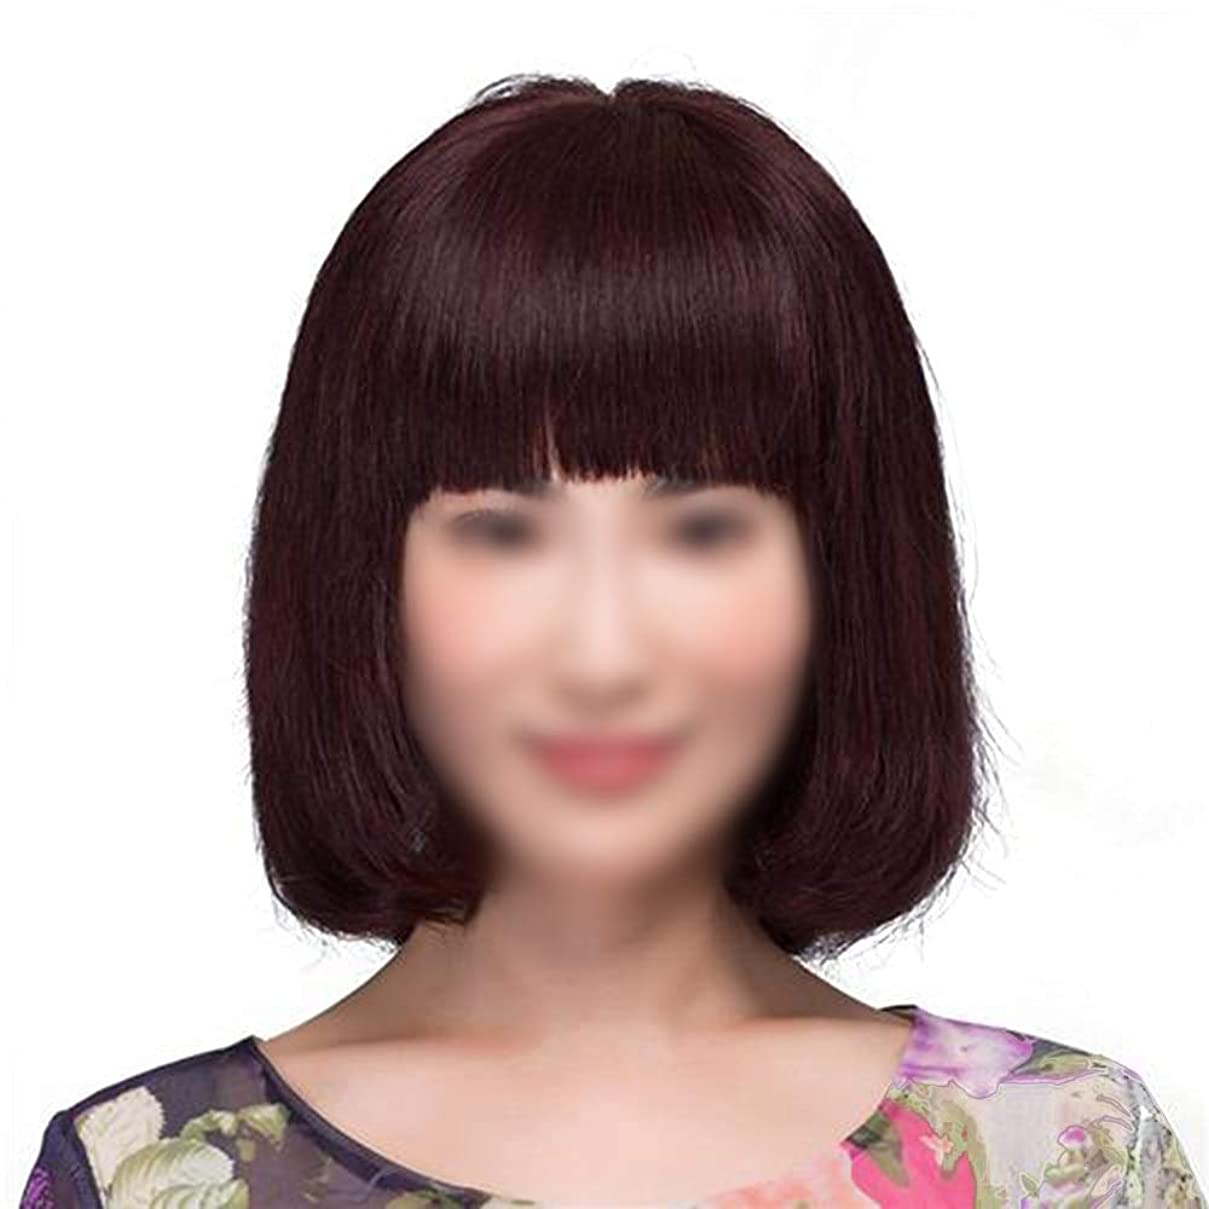 天気新着アパートYrattary 女性のショートストレートヘアボブウィッグリアルヘアふわふわナチュラル鎖骨髪型のドレスロールプレイングかつらキャップ (色 : Dark brown)